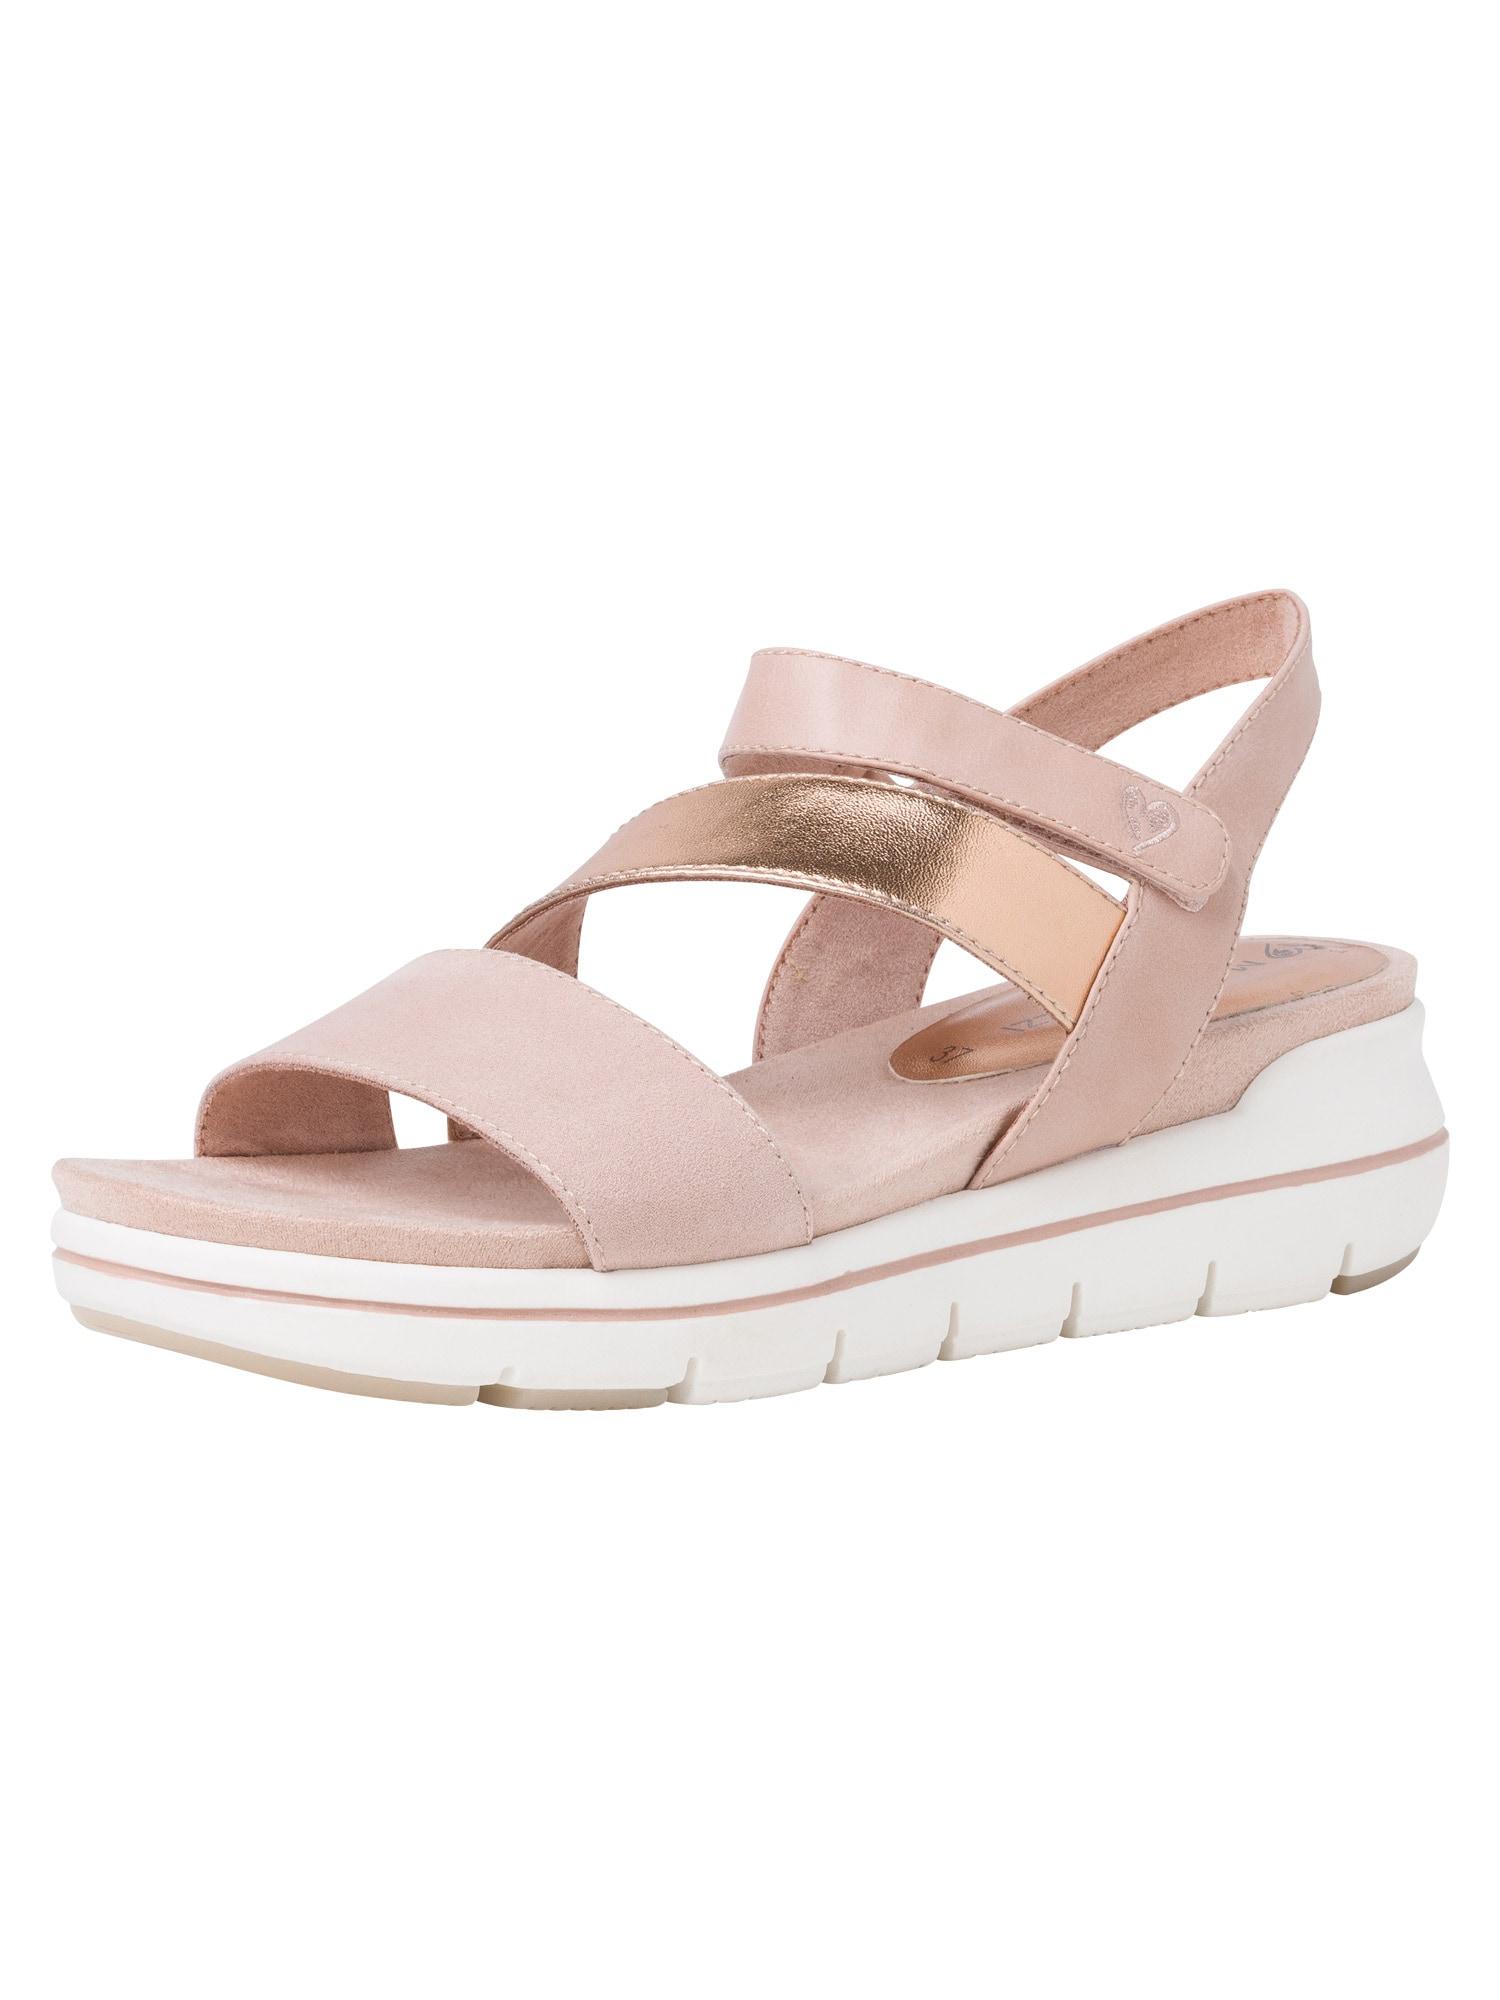 MARCO TOZZI Sandalai auksas / ryškiai rožinė spalva